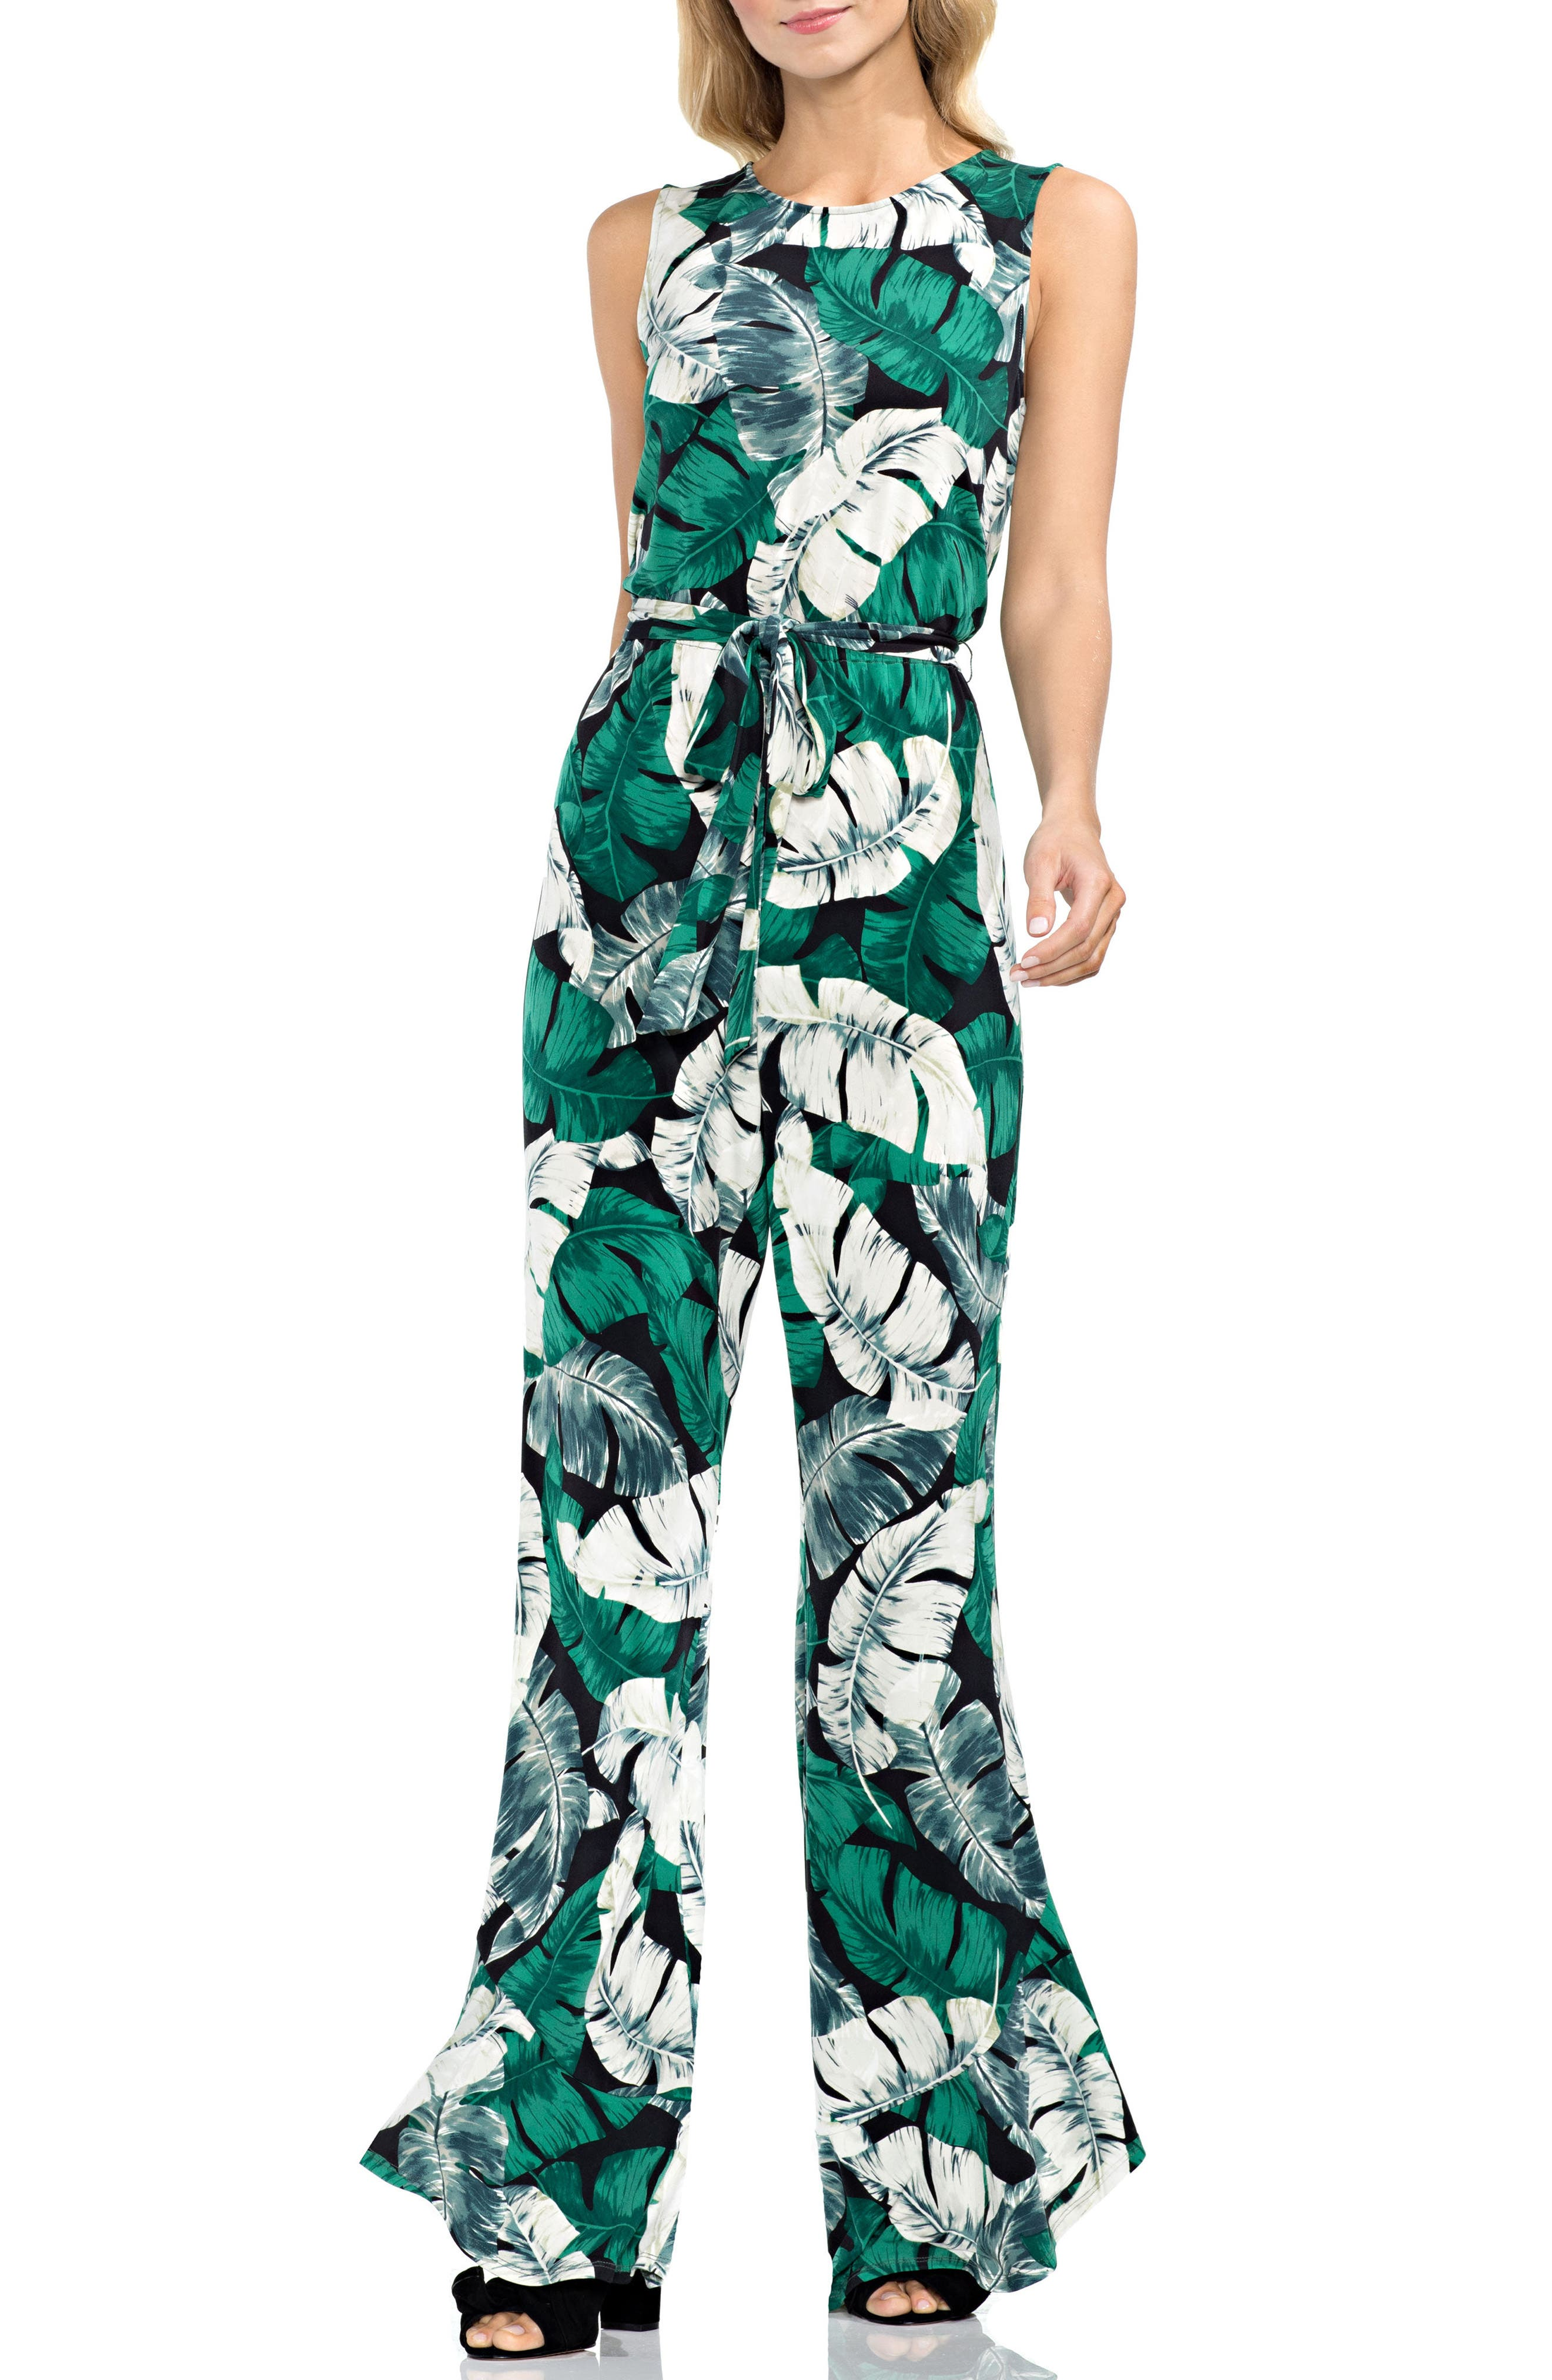 Vince Camuto Jungle Palm Print Jumpsuit